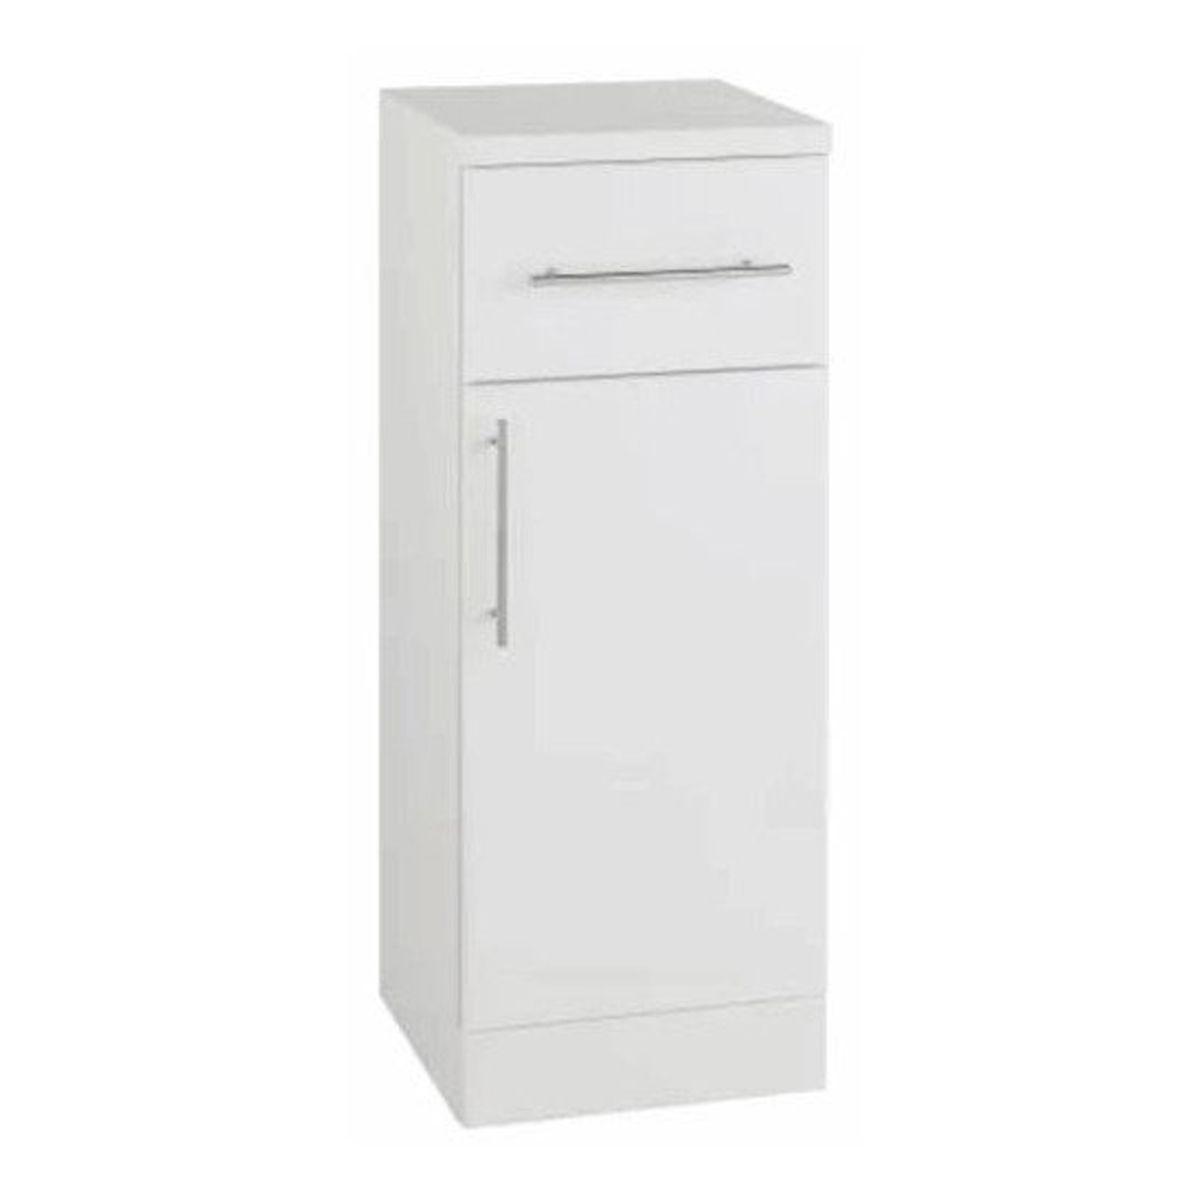 Kartell Impakt Slimline Single Door Base Unit 250mm